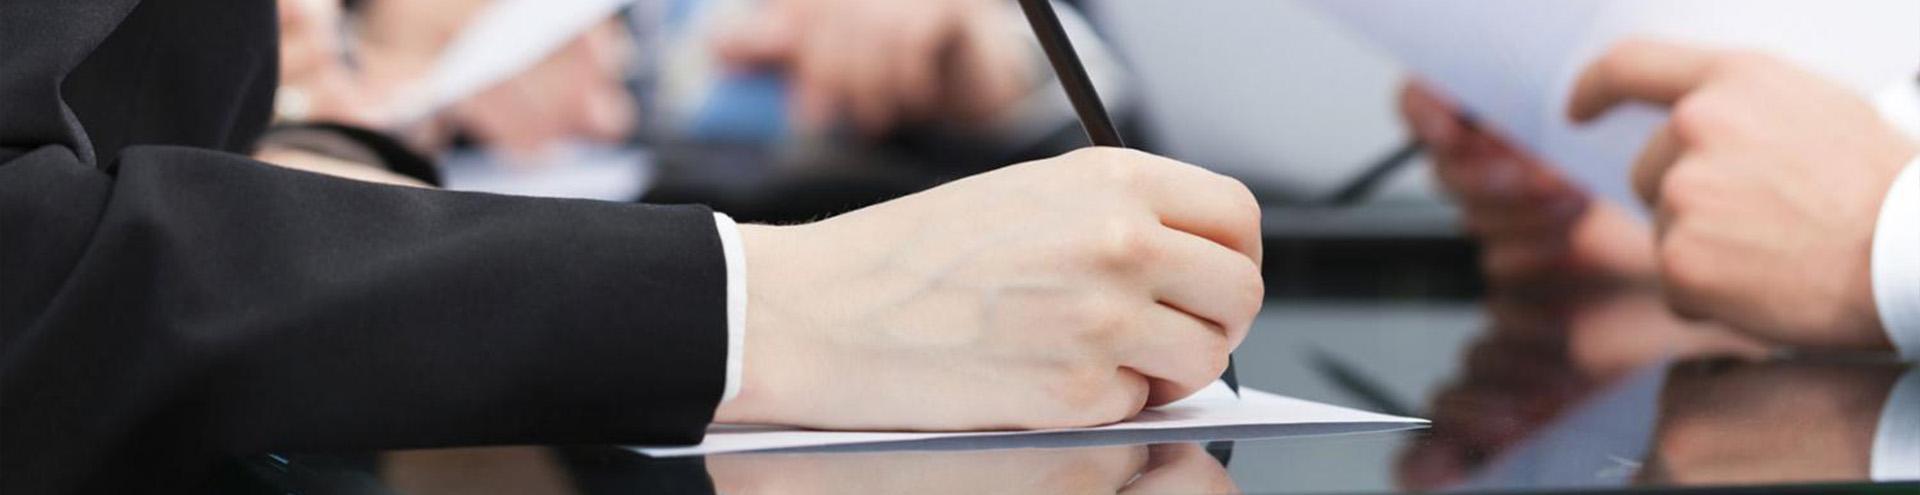 кредитный юридический донор в великом новгороде помощь